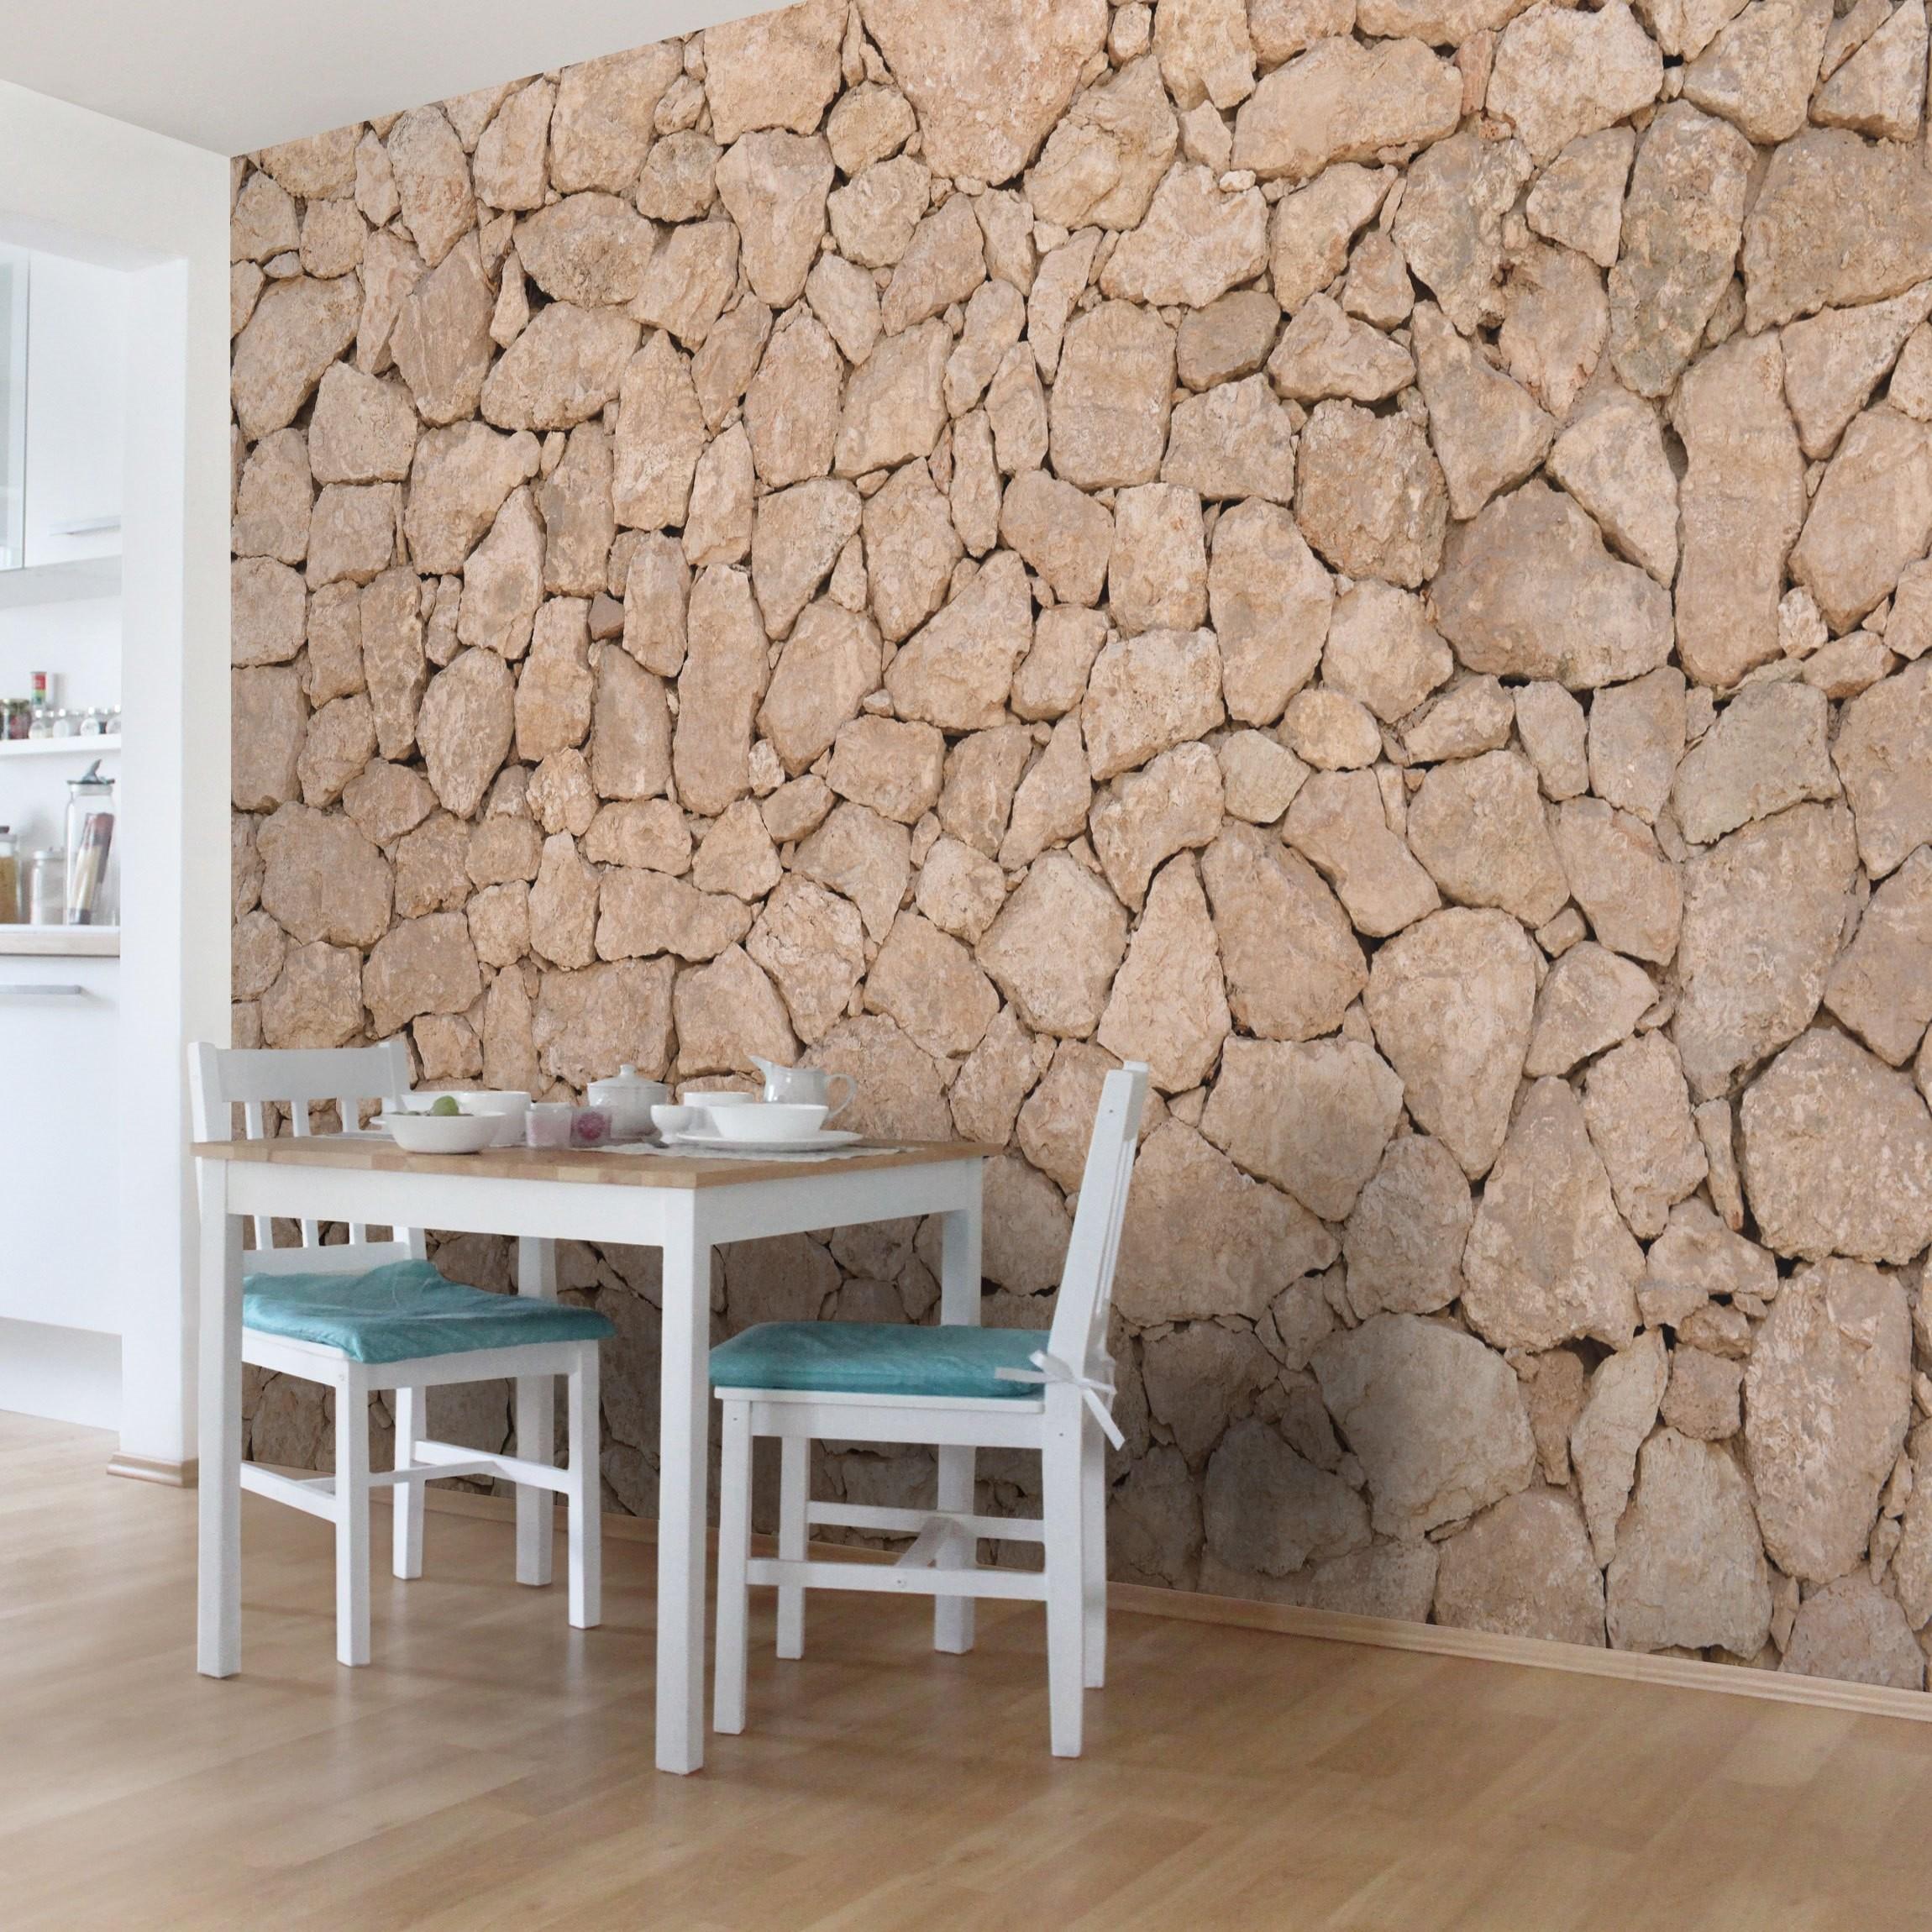 Entzuckend Steintapete Selbstklebend   Apulia Stone Wall   Alte Steinmauer Aus Großen  Steinen   Fototapete Steinoptik